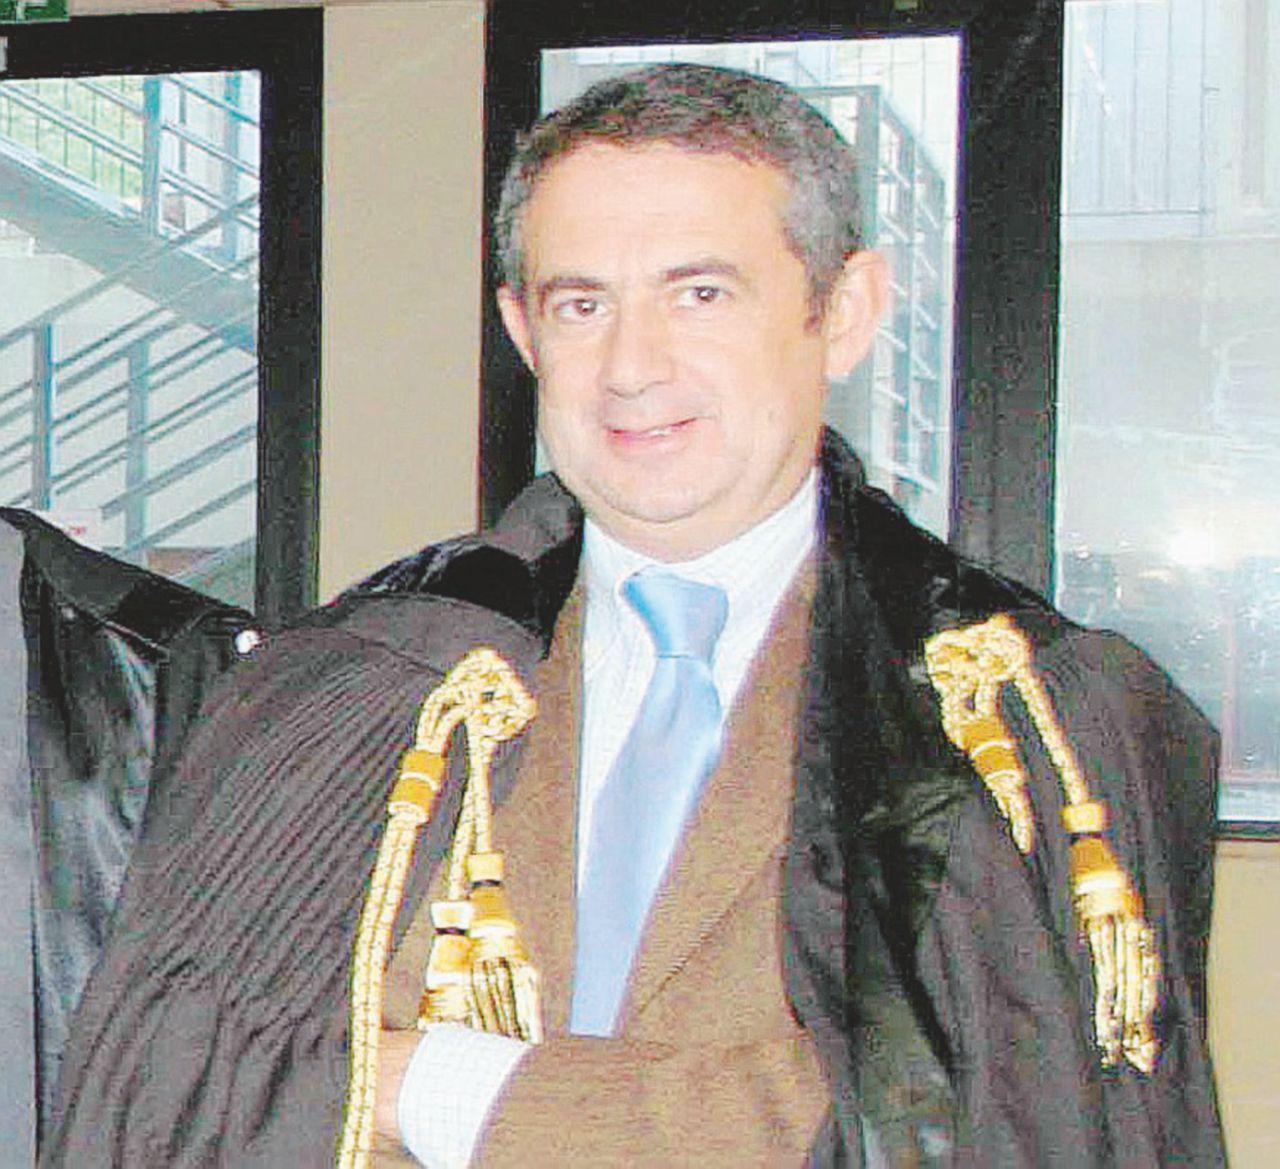 Arrestato per estorsione l'avvocato anti-mafia